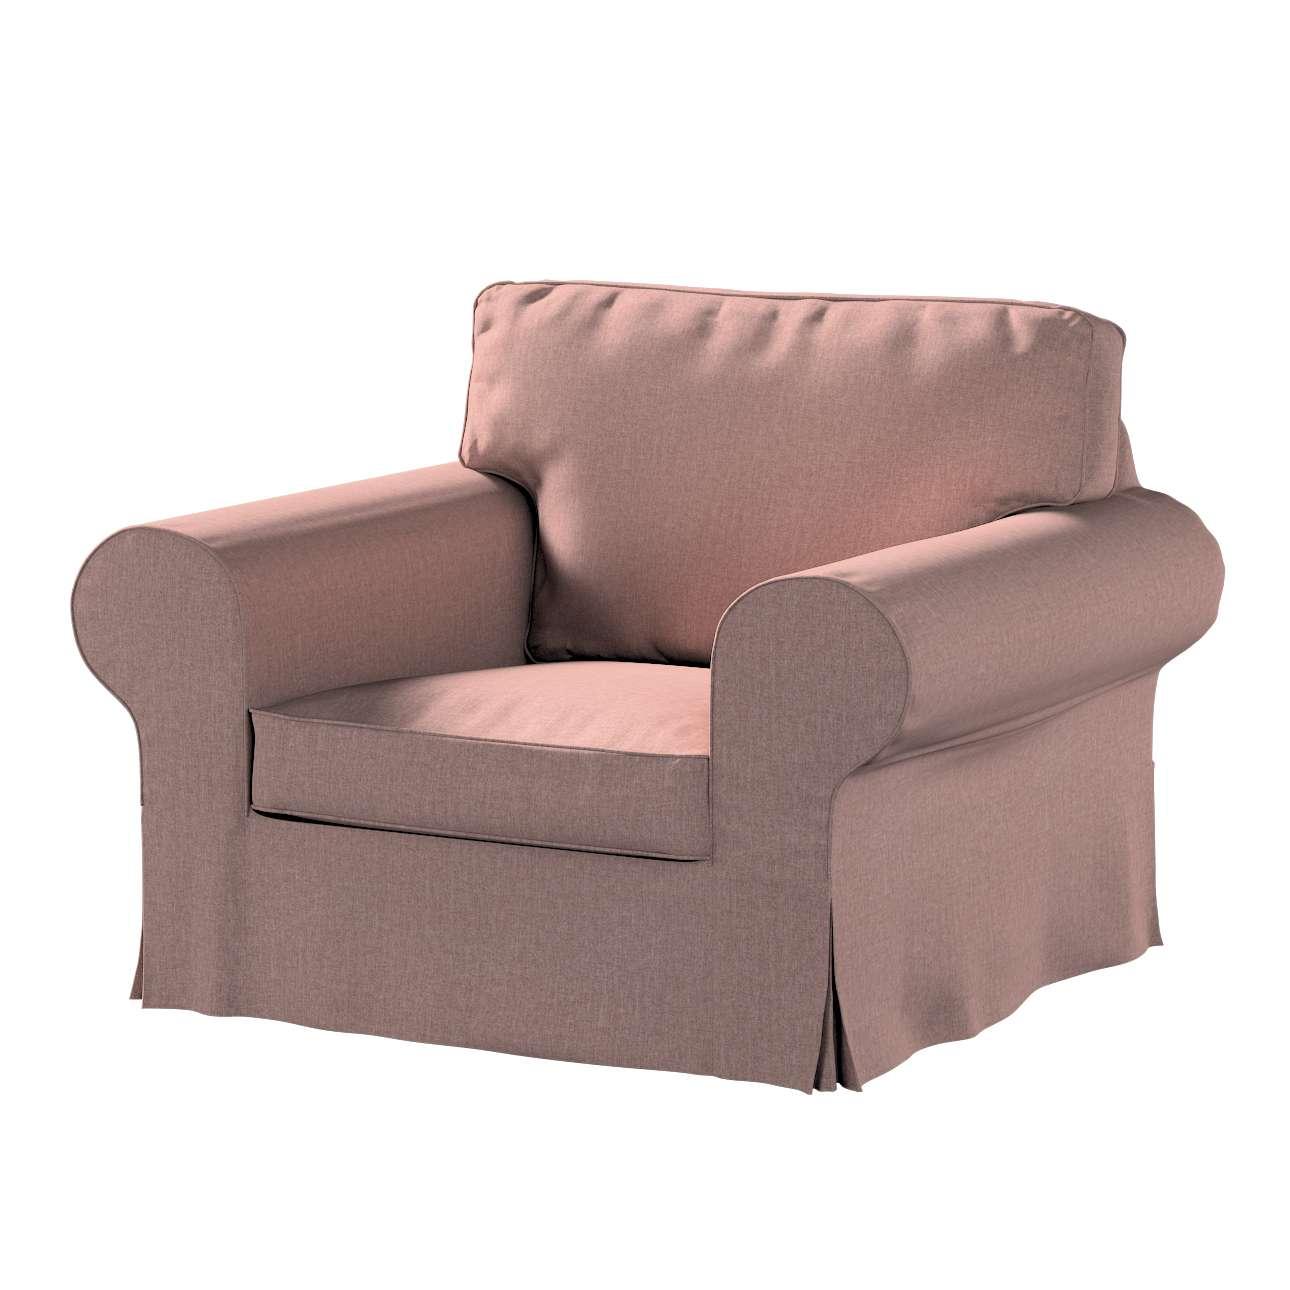 Pokrowiec na fotel Ektorp w kolekcji City, tkanina: 704-83